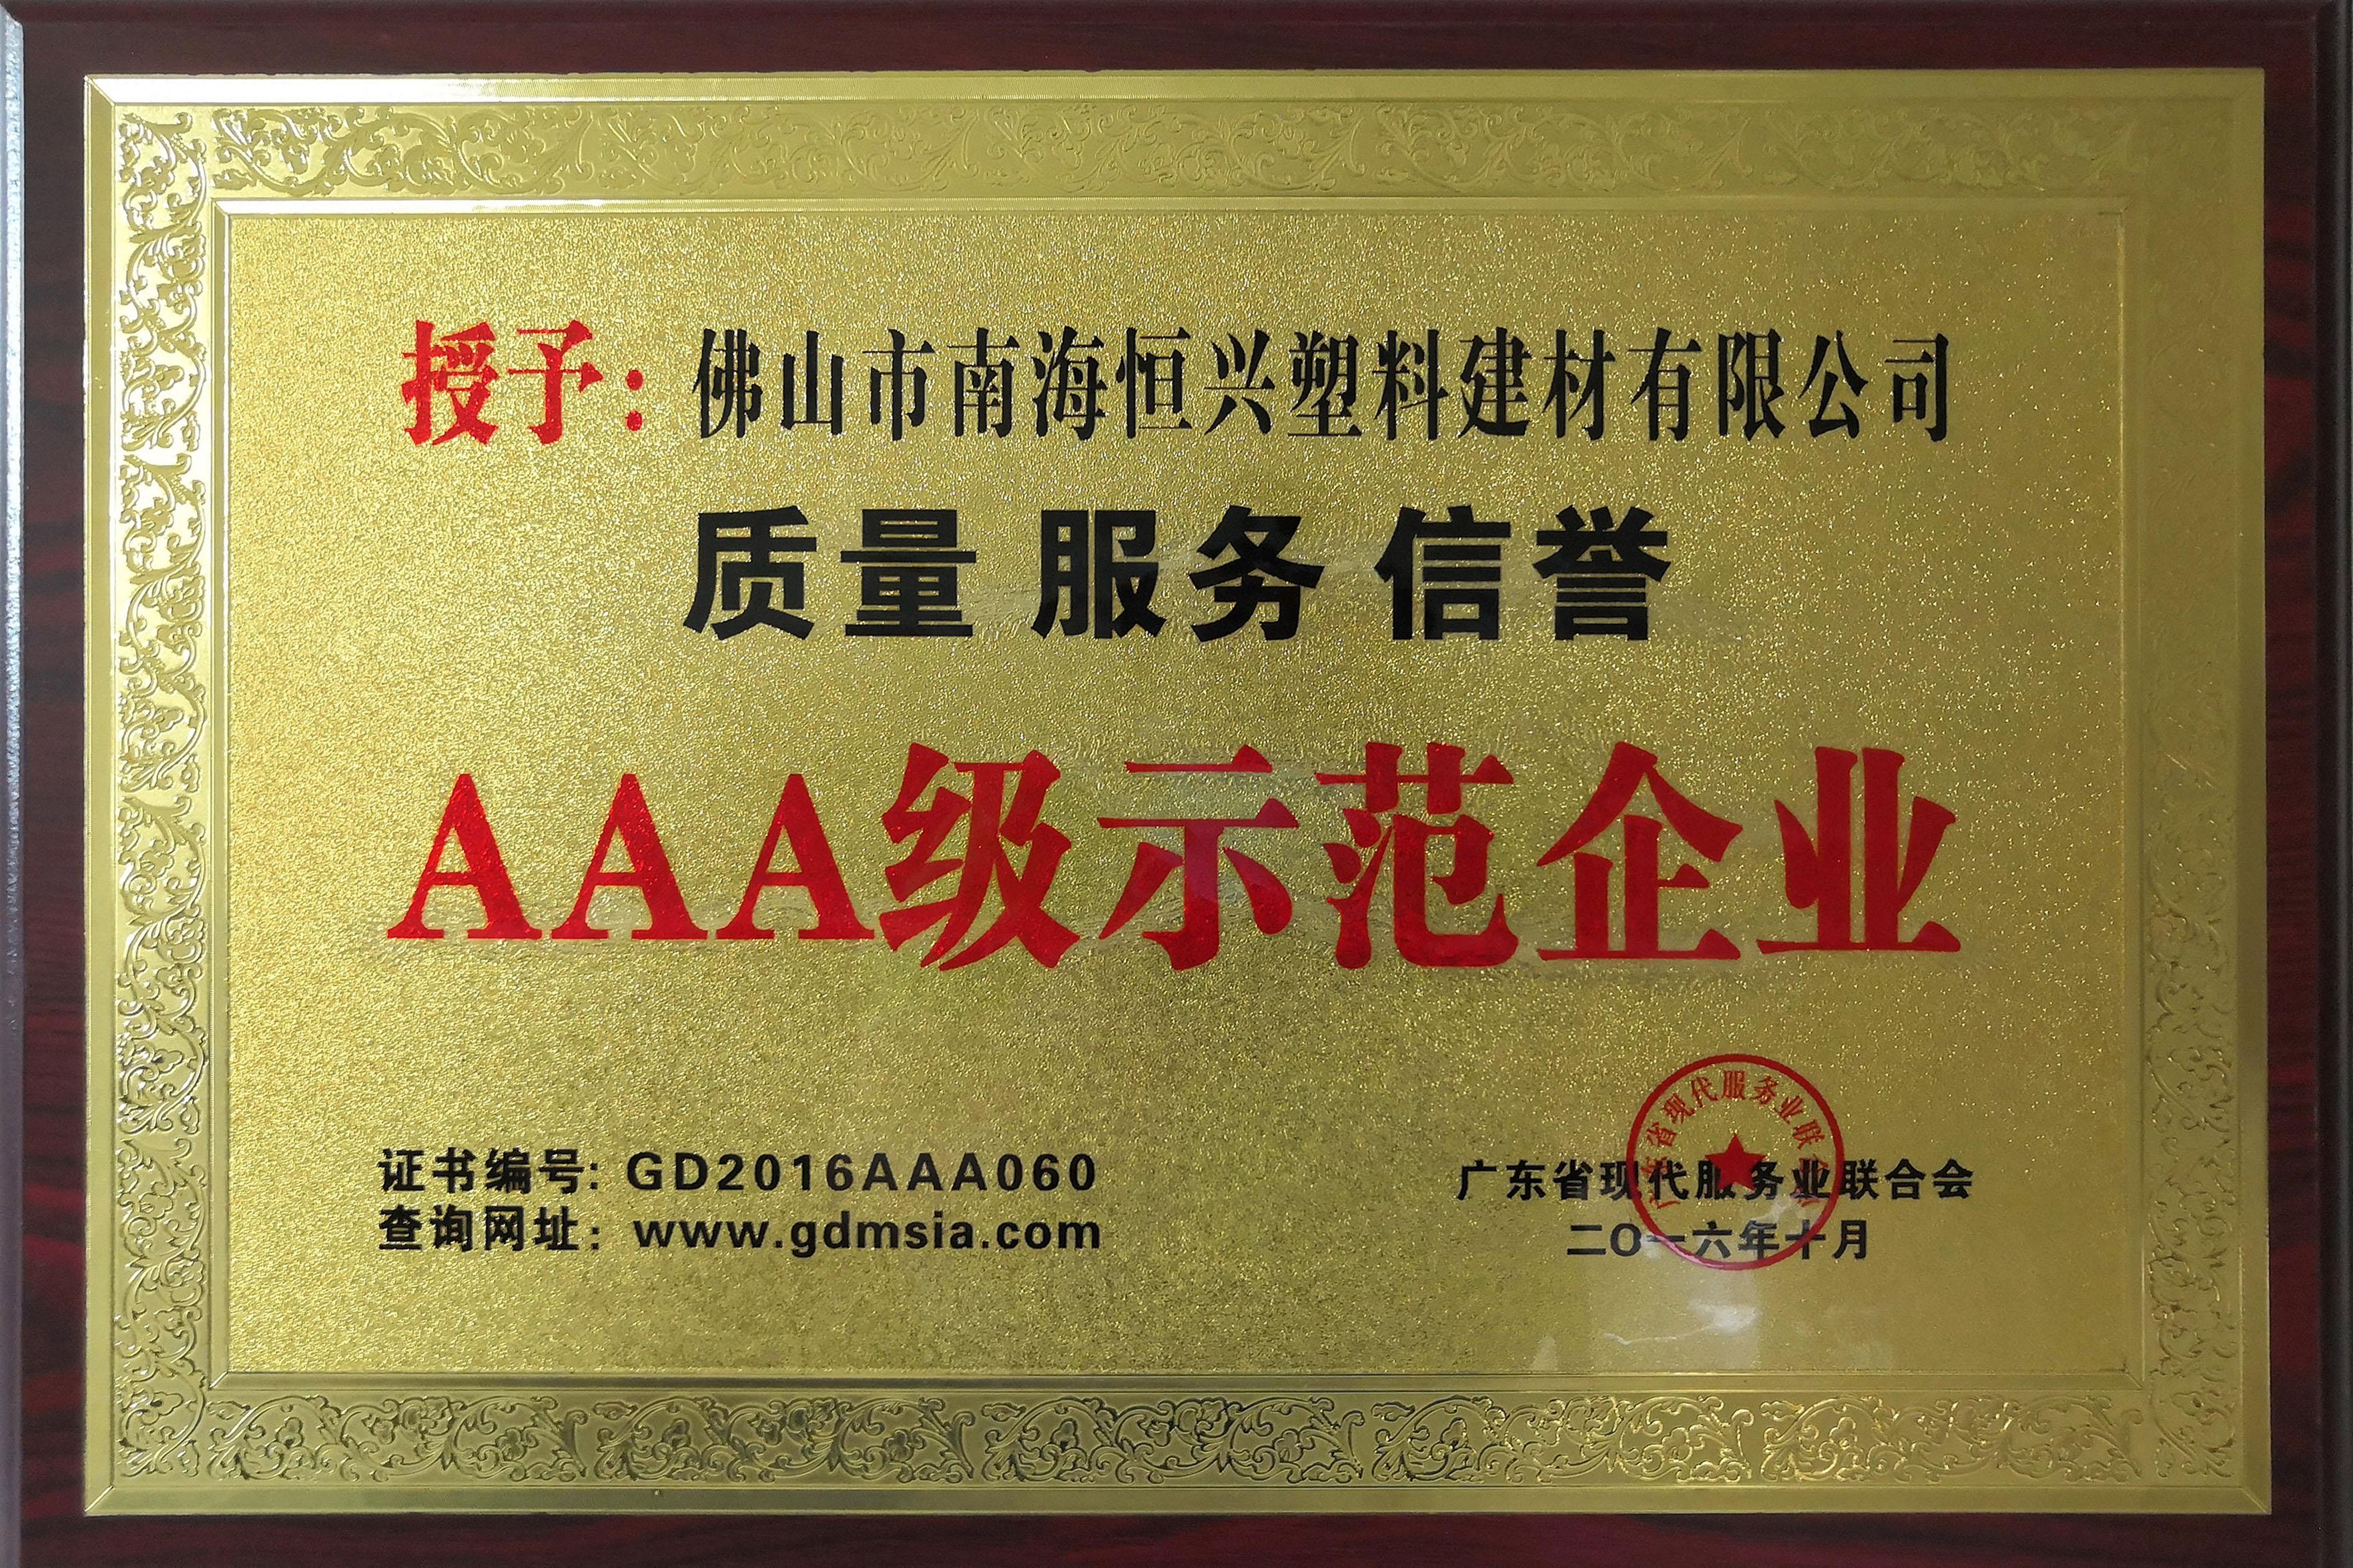 AAA级示范企业